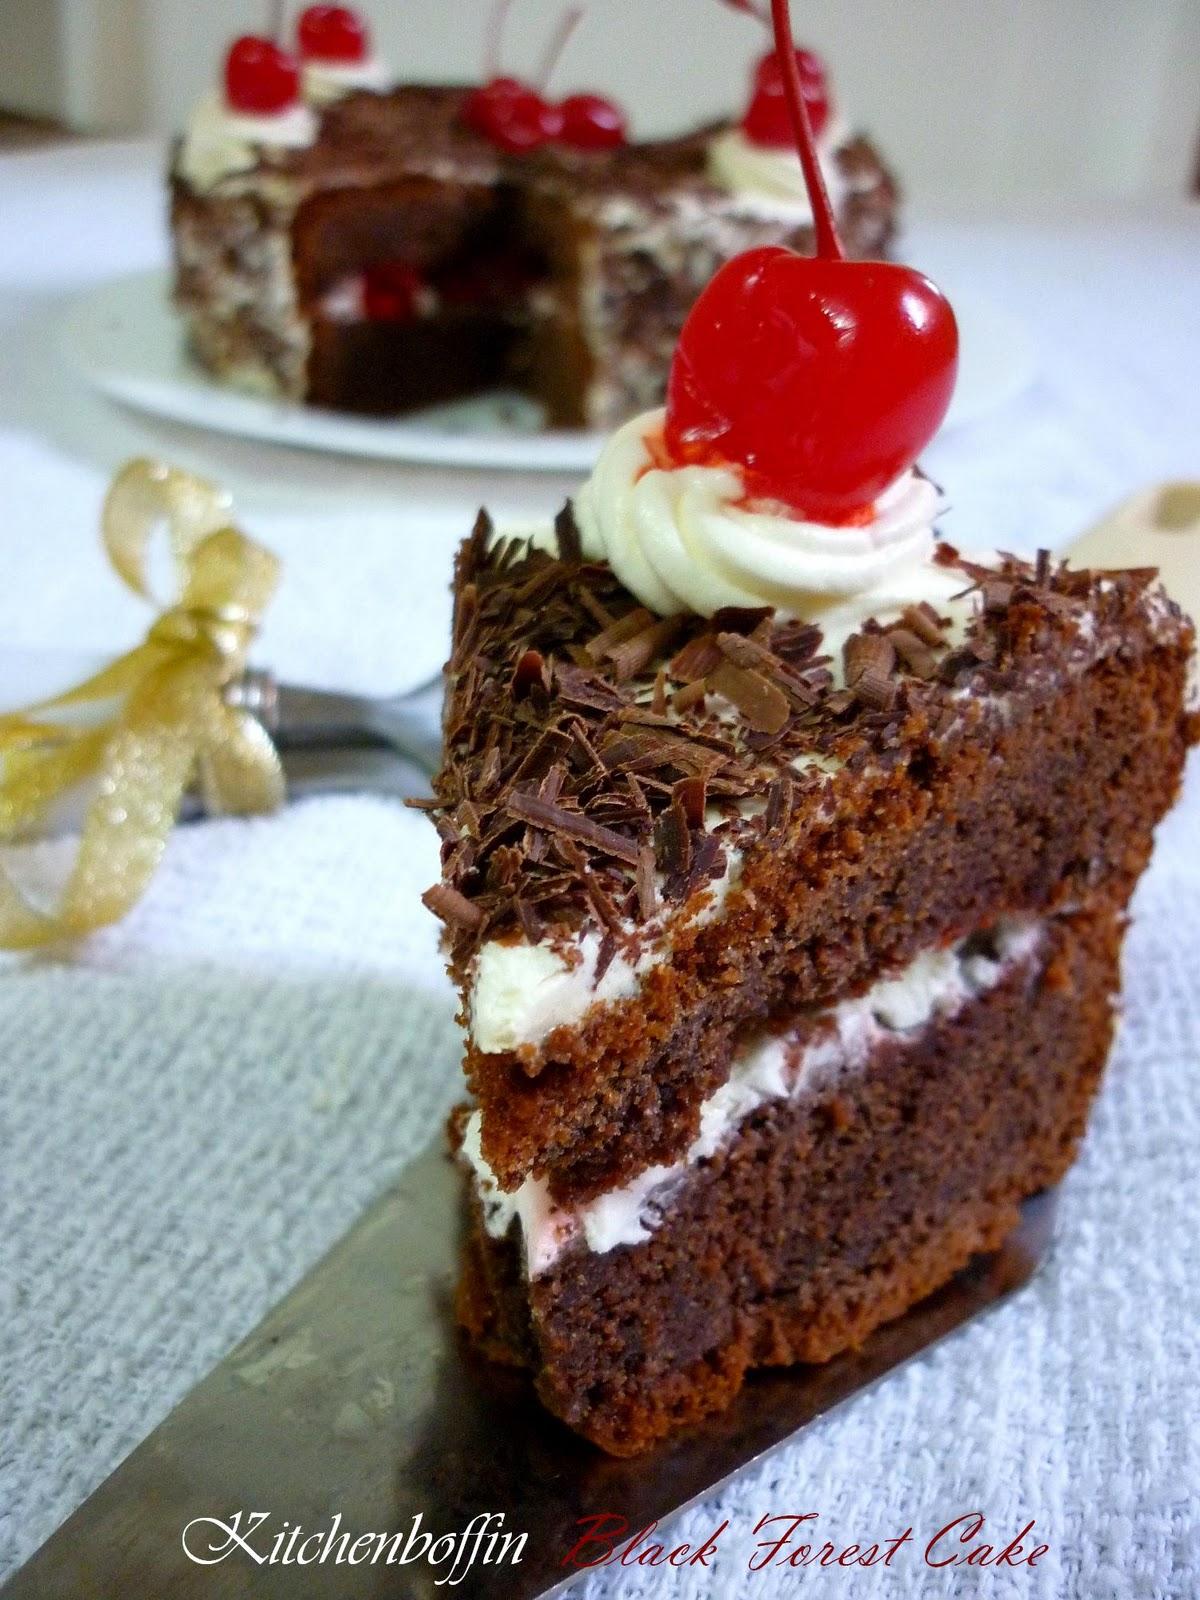 Kitchen Boffin Black Forest Cake